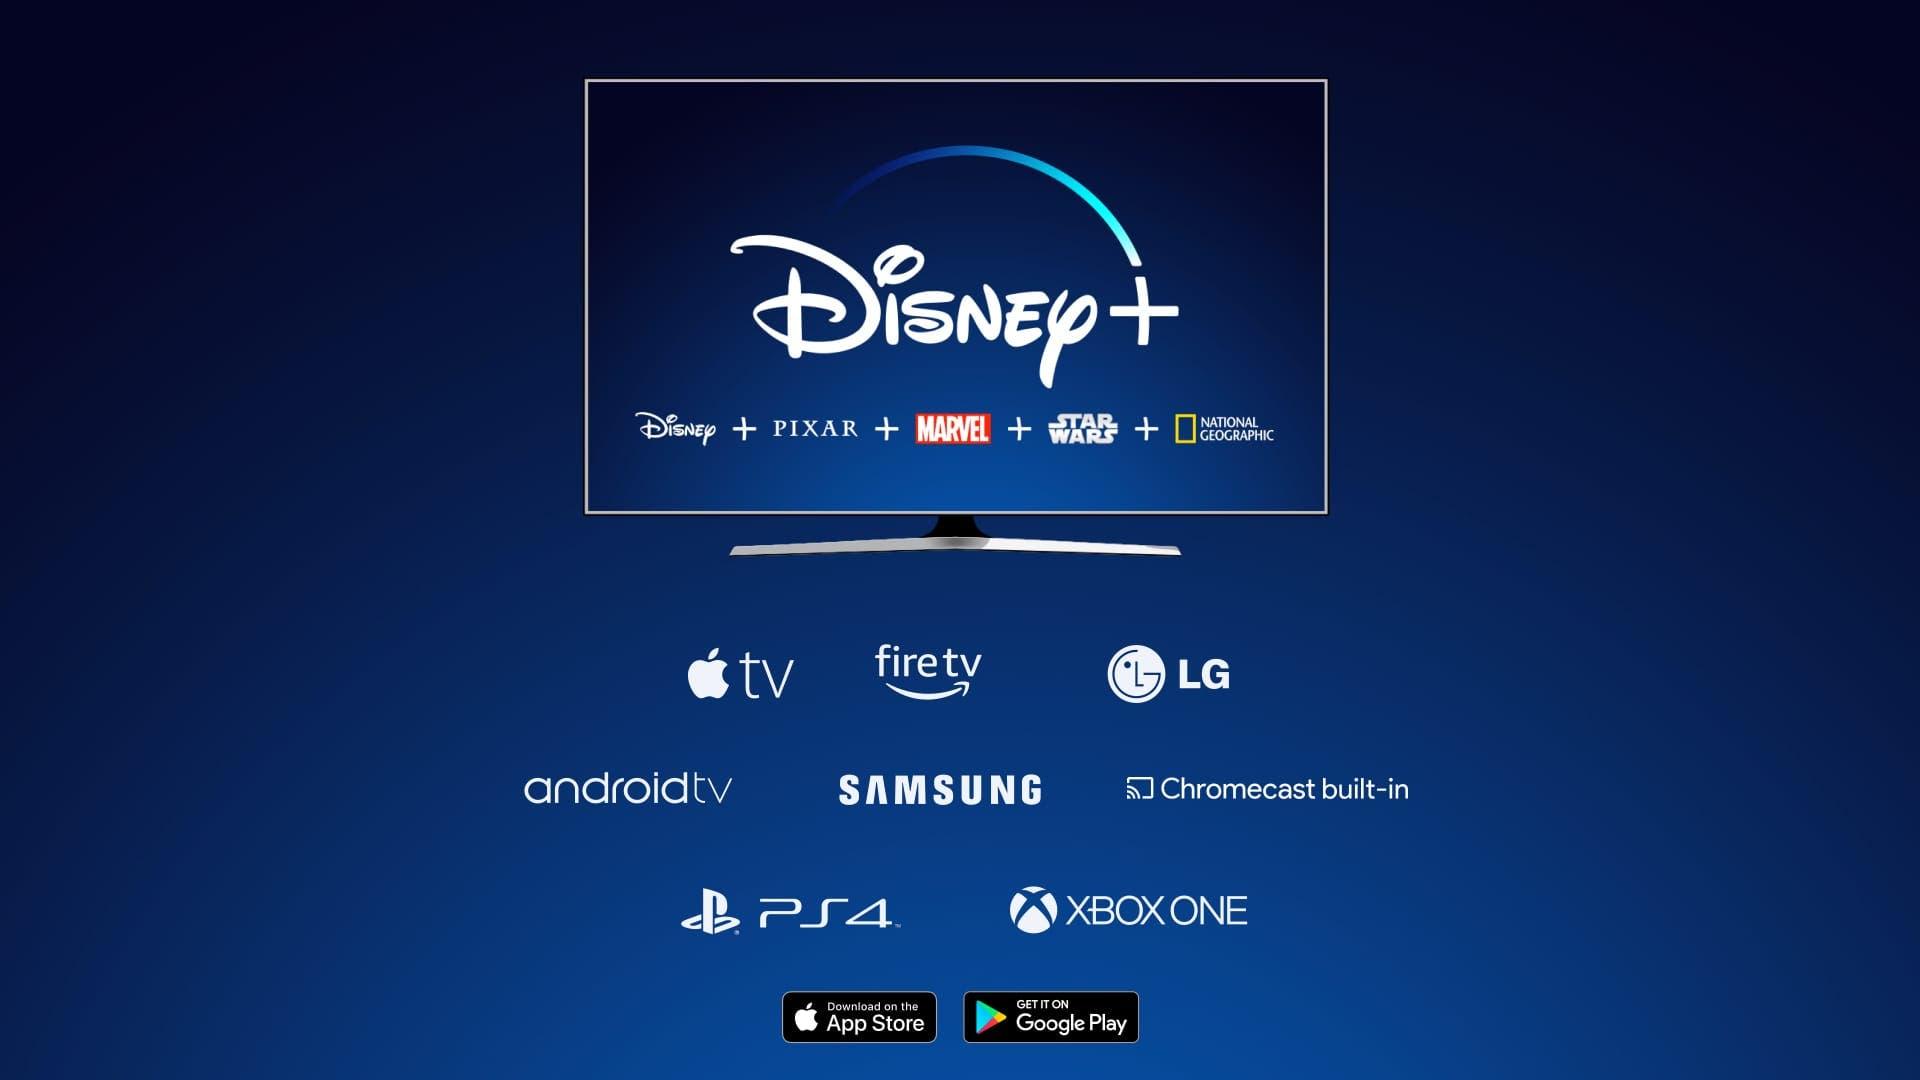 Confirmadas todas las plataformas de la aplicación de Disney+ 2